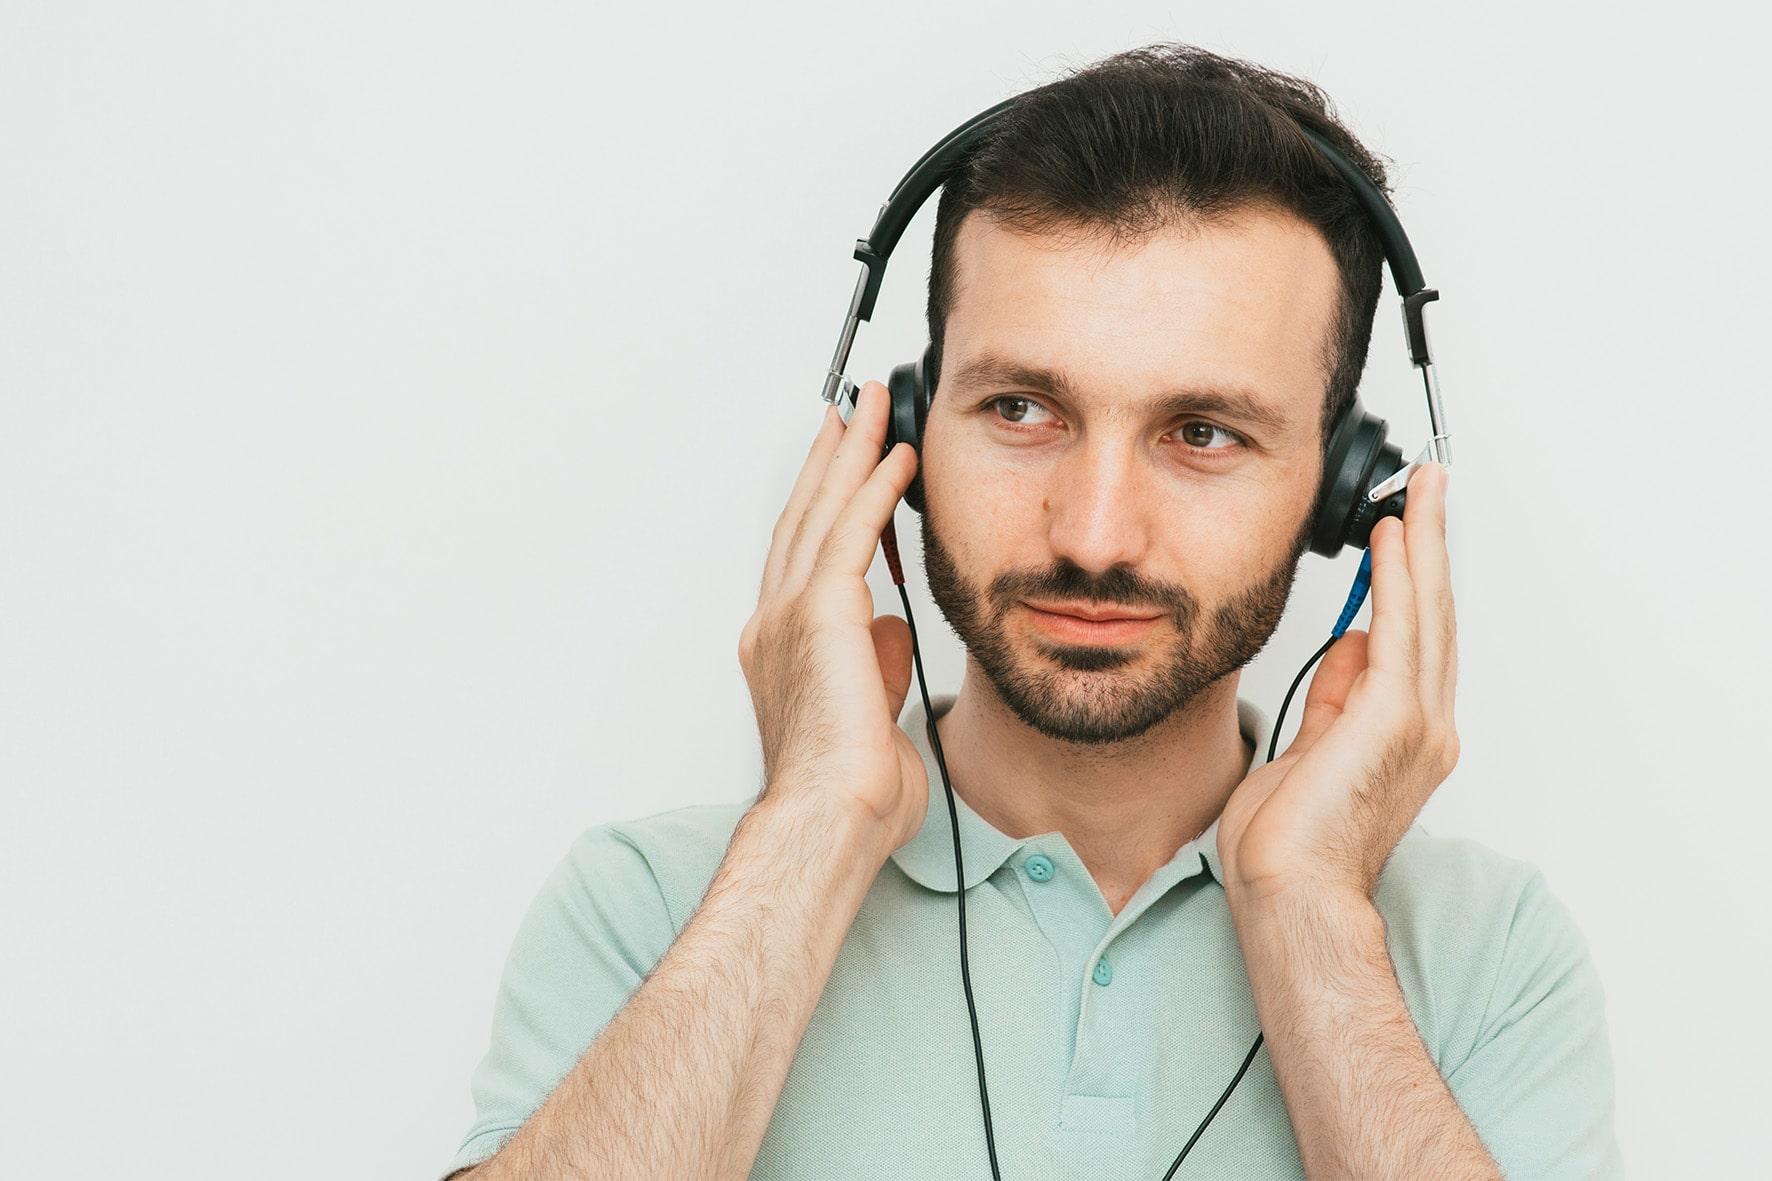 тональна аудіометрія